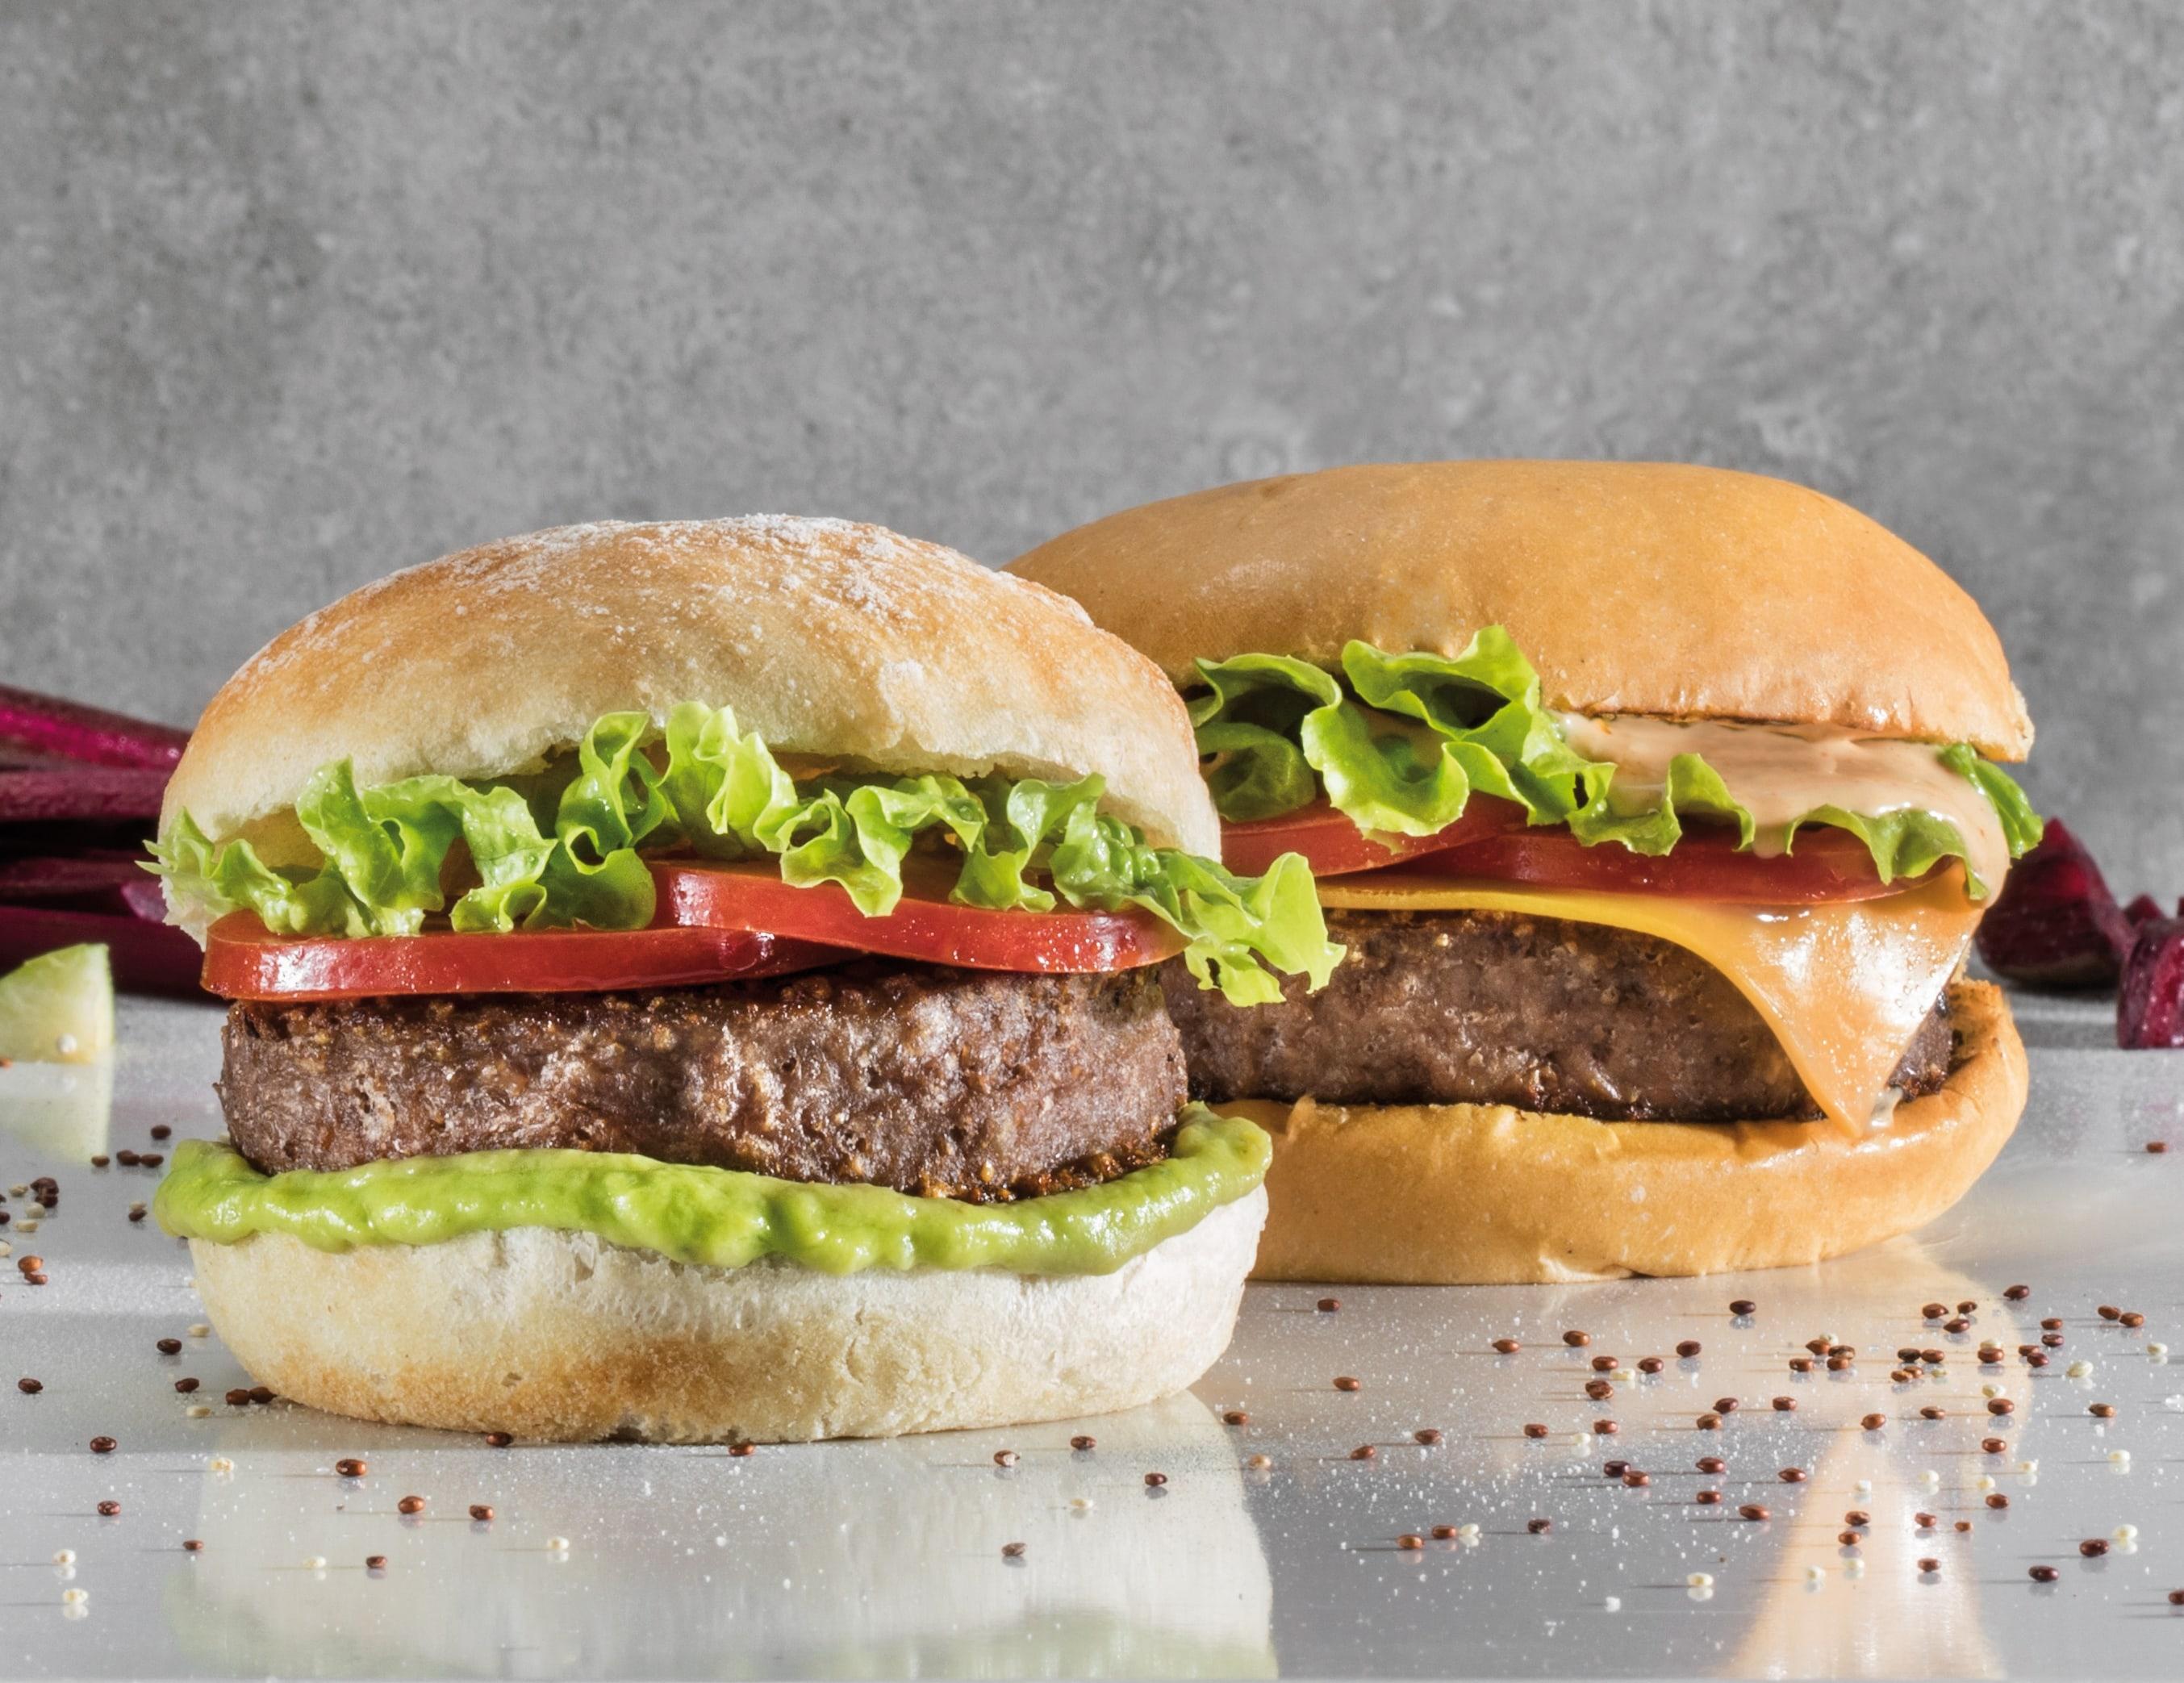 Arriva il burger non burger